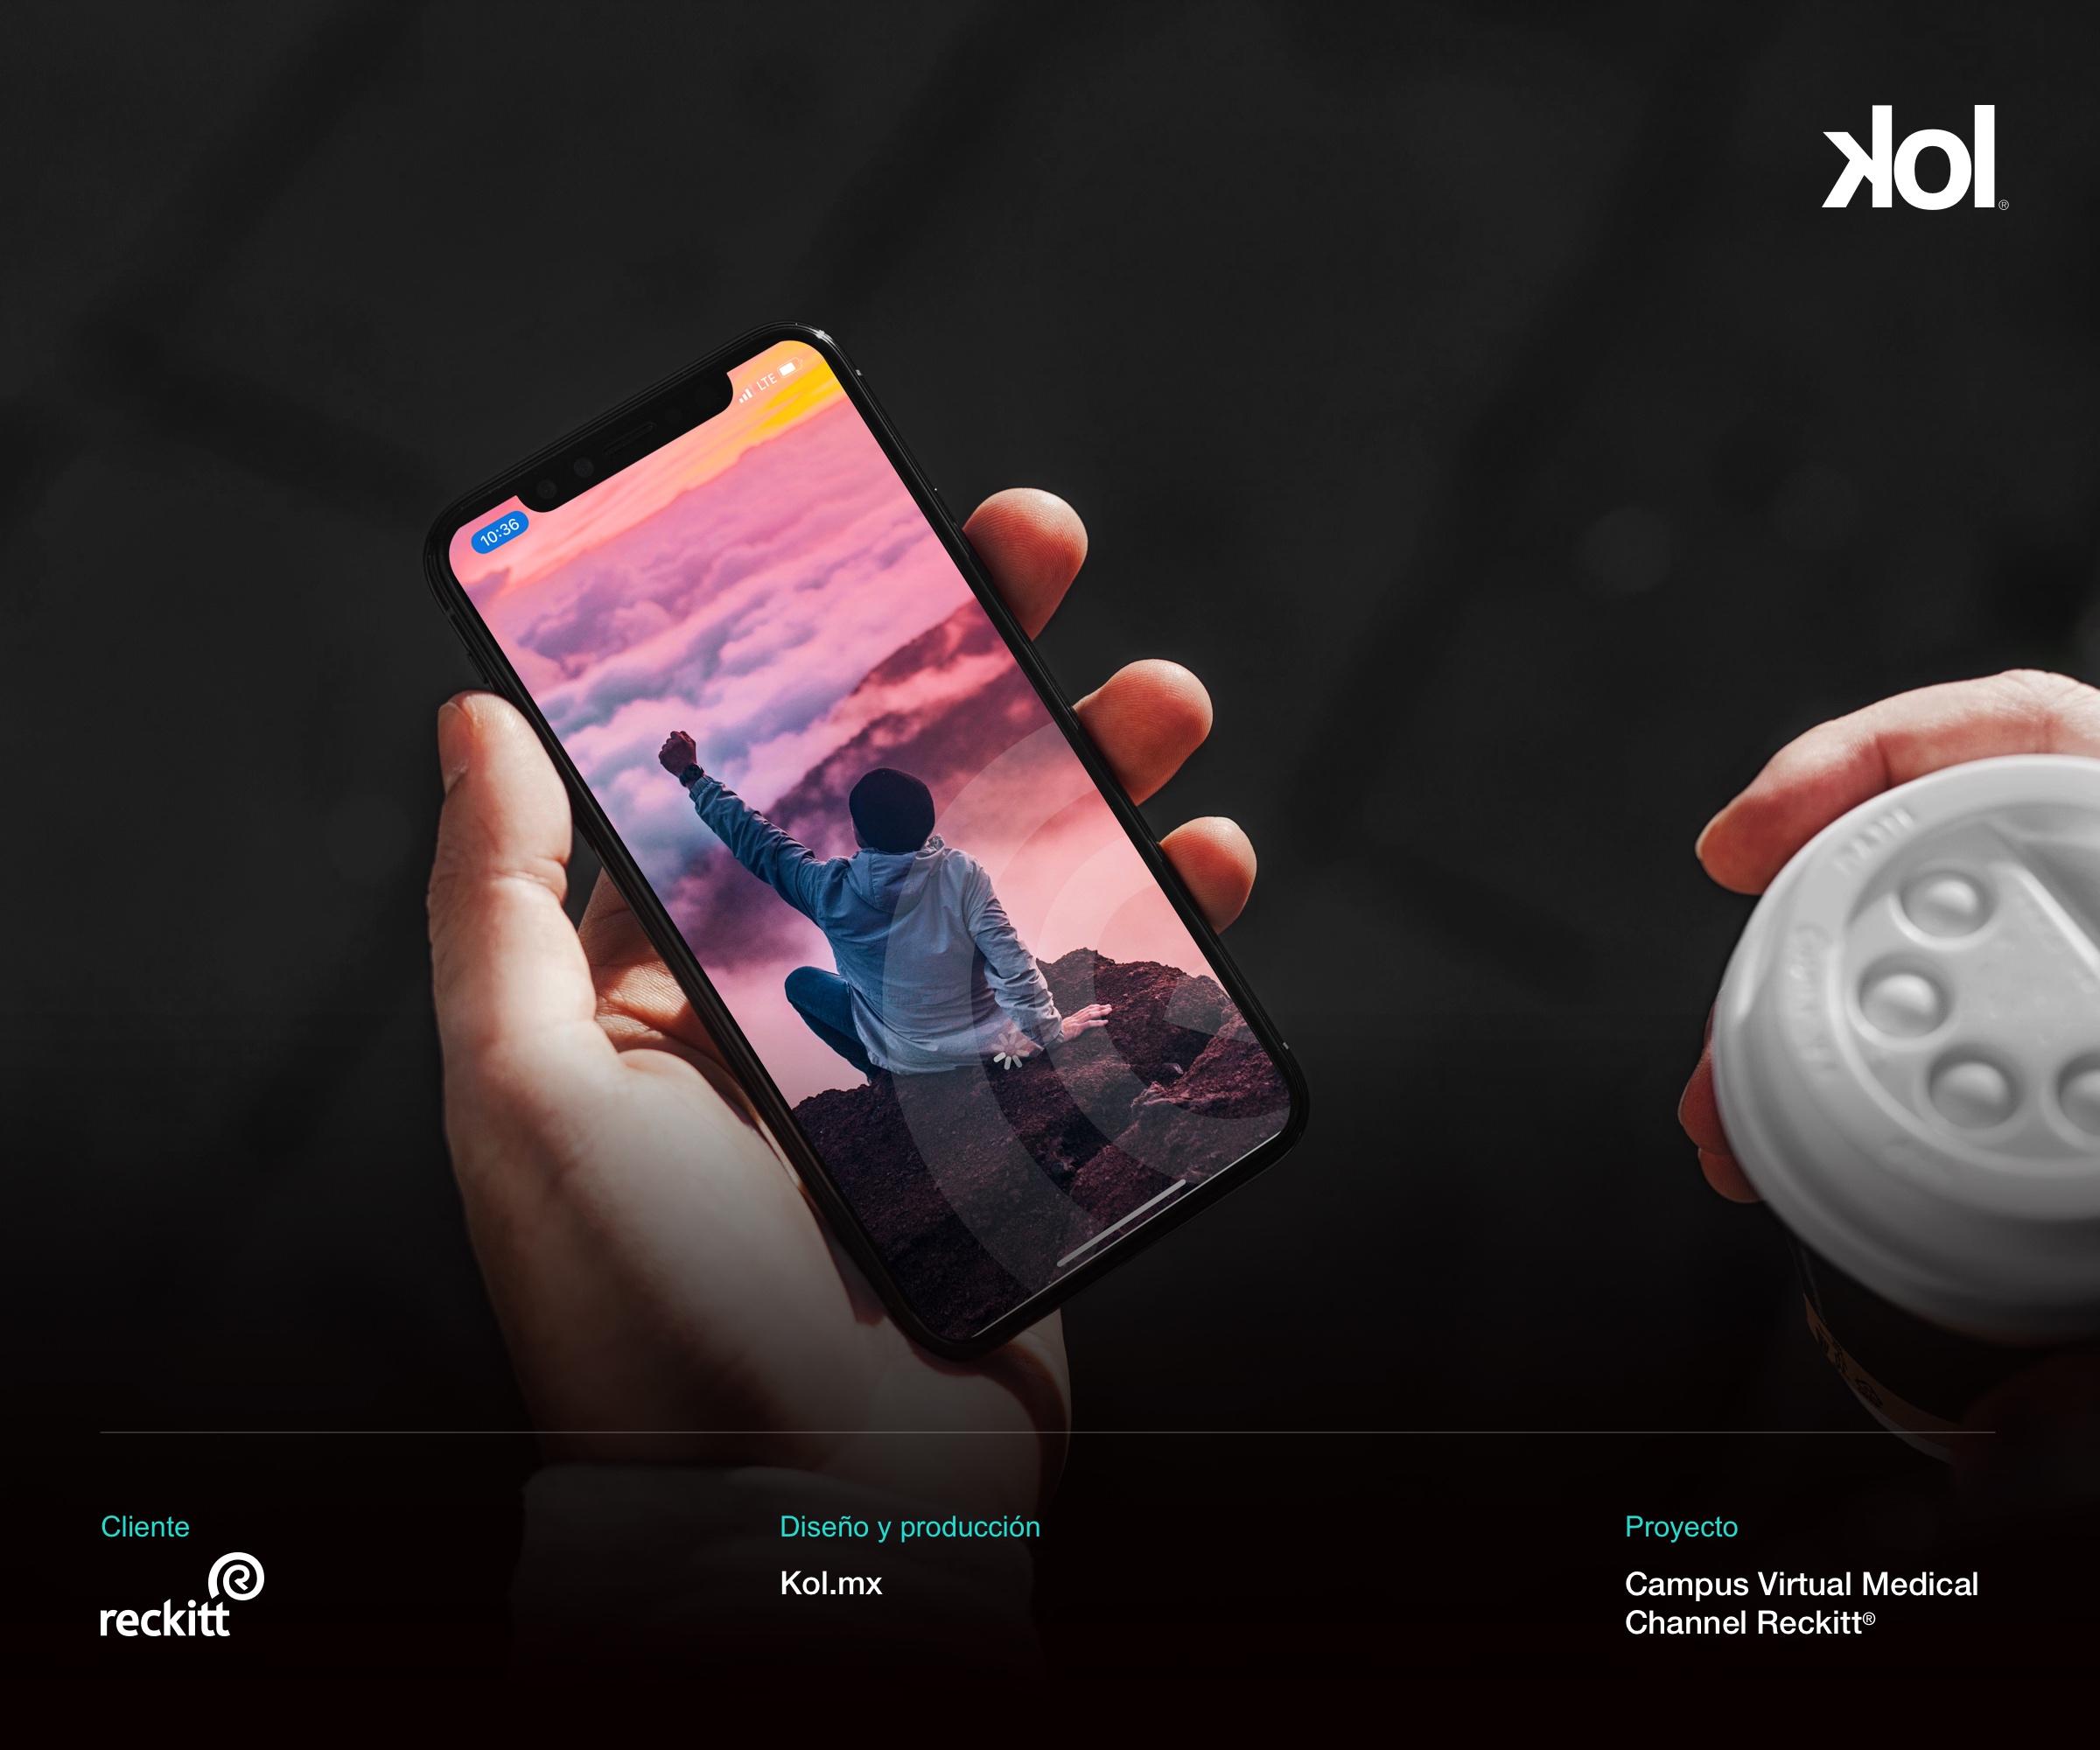 Campus Virtual Reckitt - iPhone 2 - Kol.mx